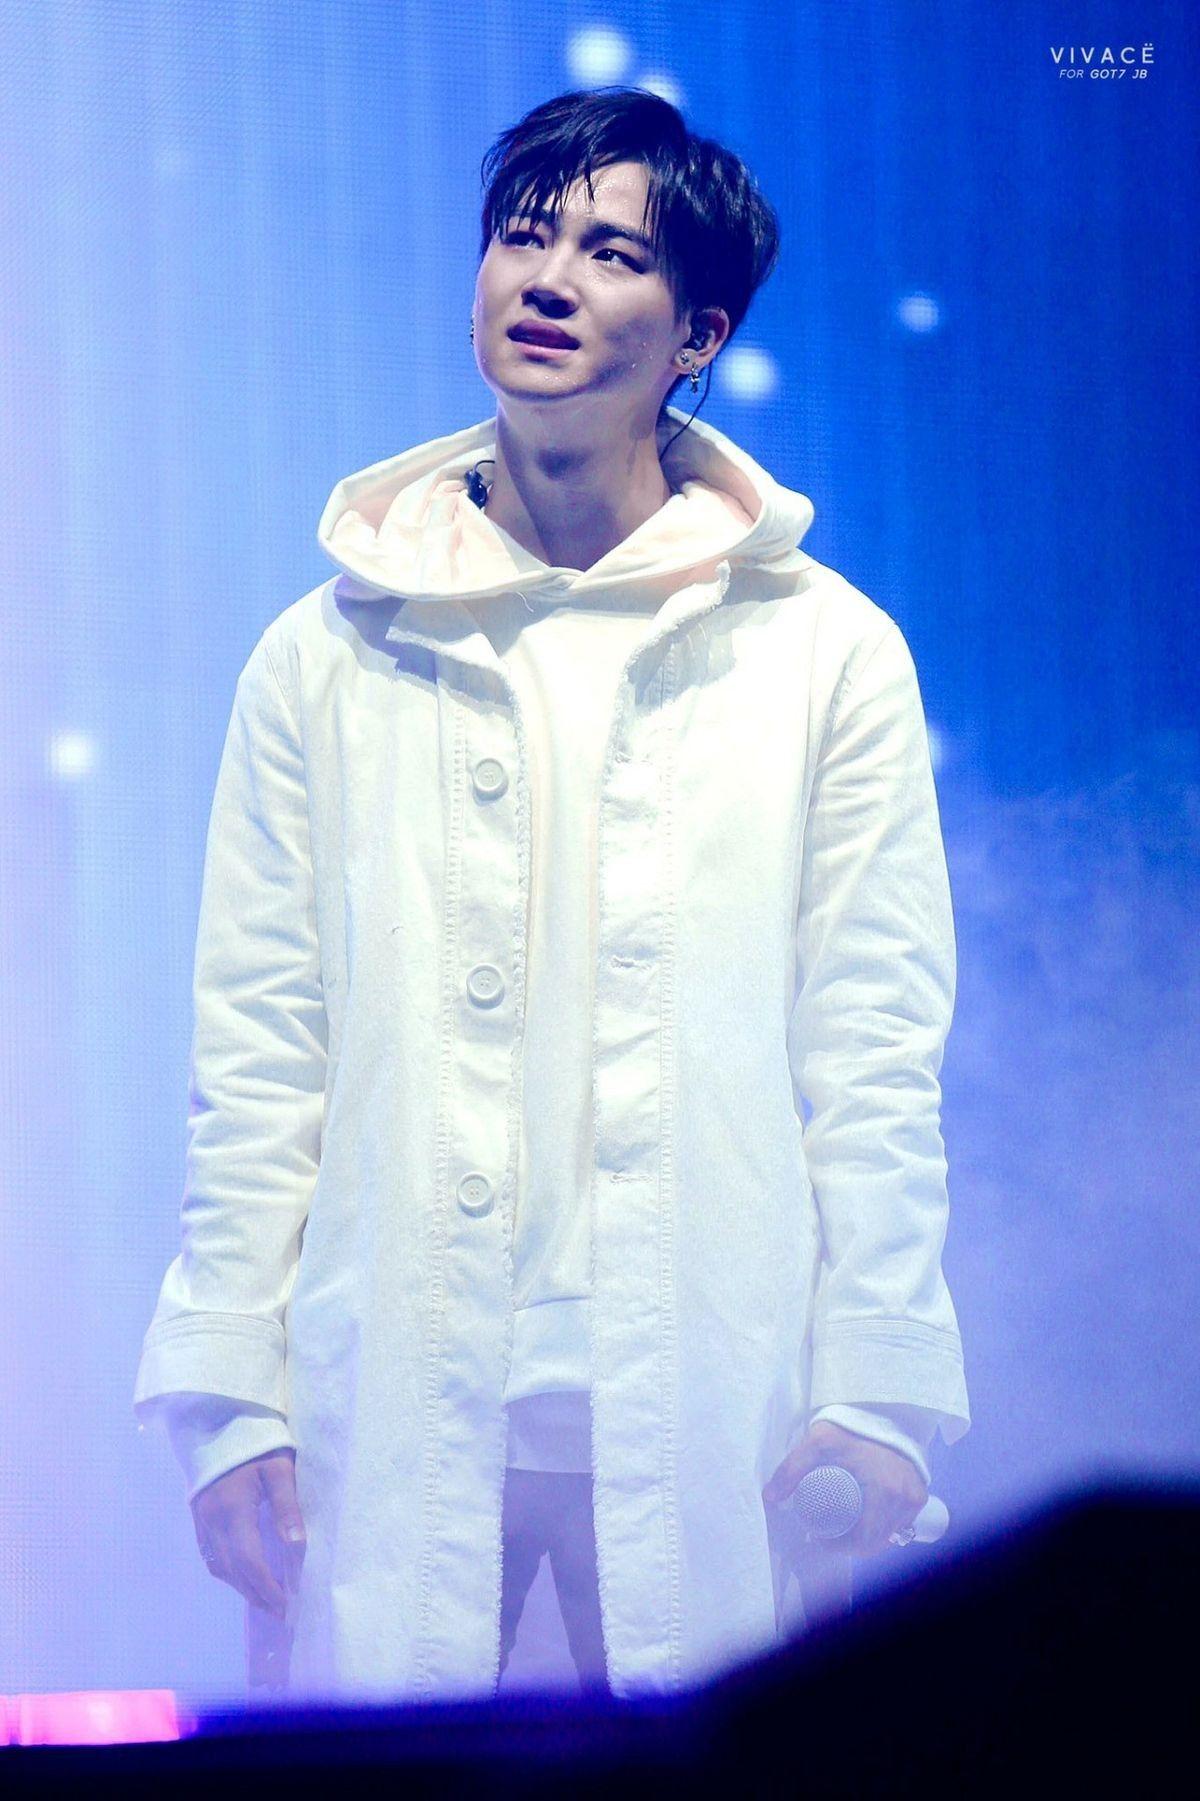 Im Jaebum Imagines - I love you - Wattpad